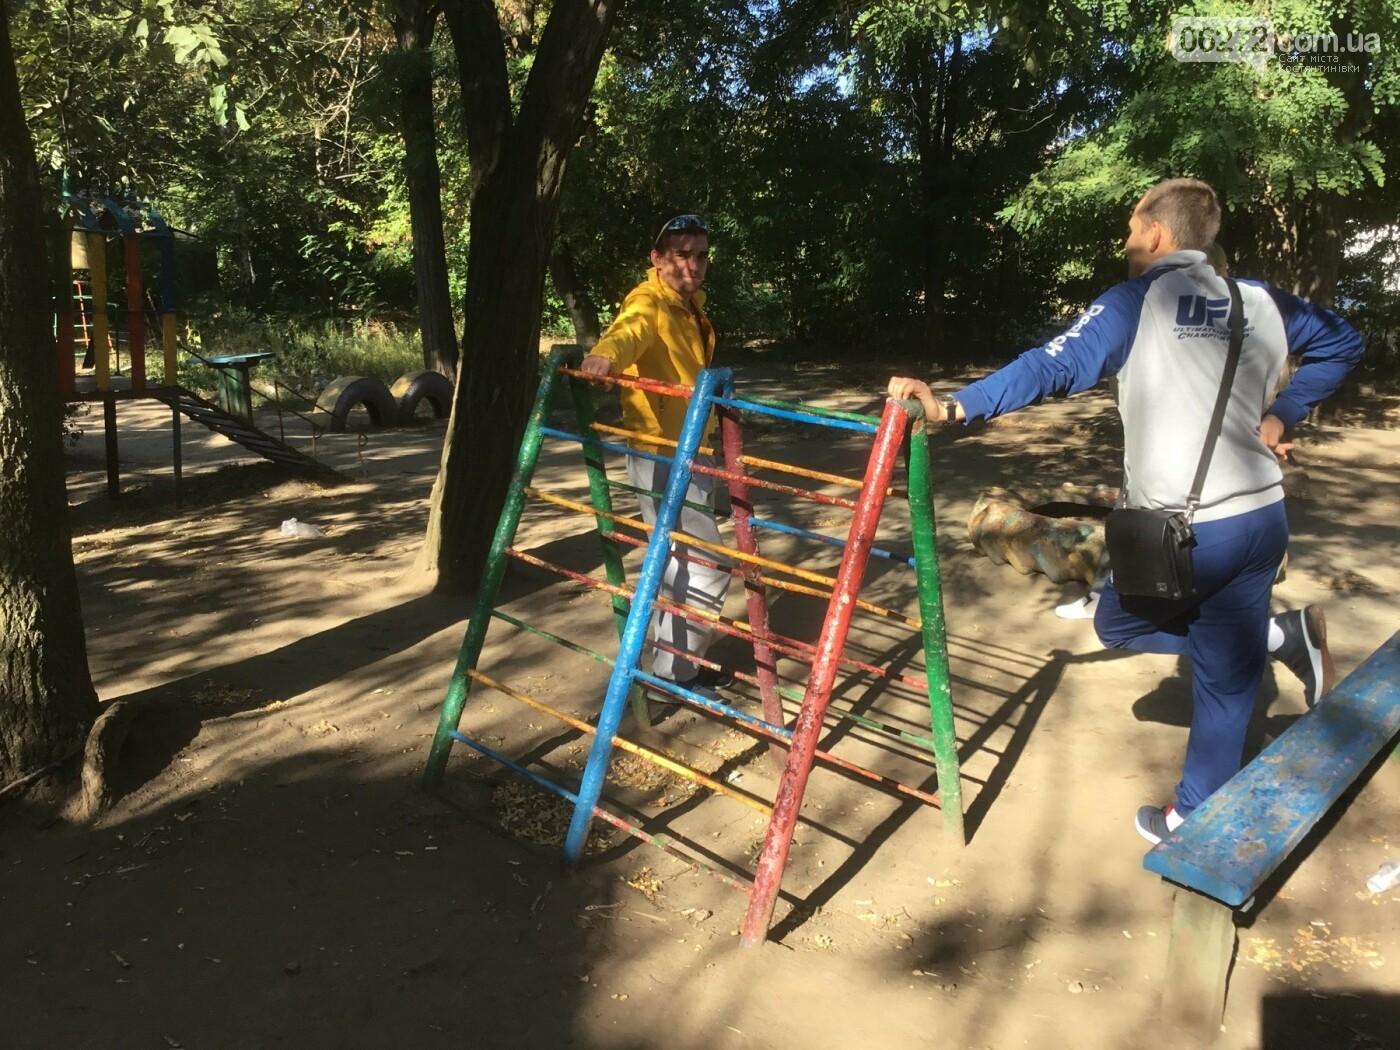 Костянтинівці облаштували майданчик на території дитячого садка, фото-1